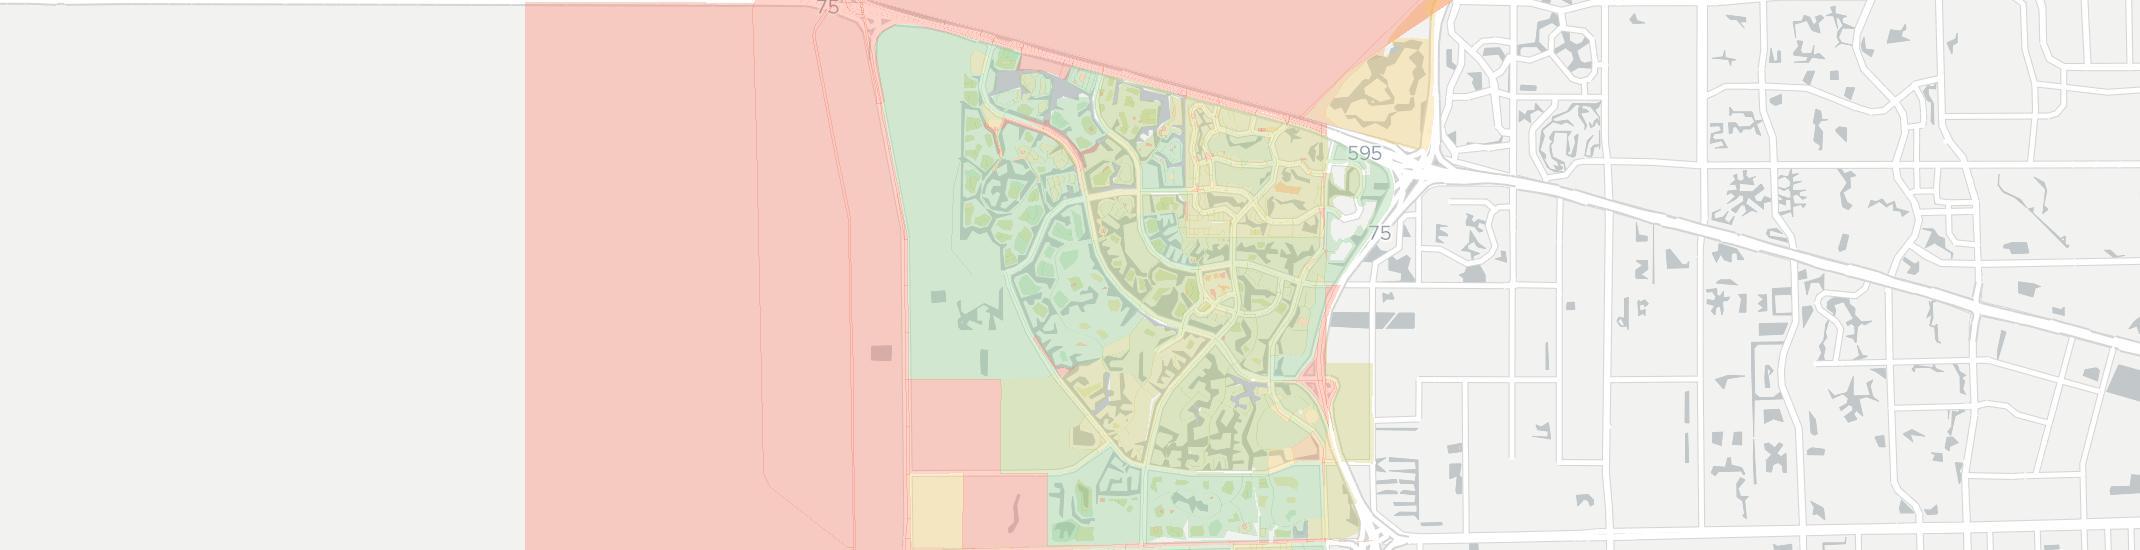 Map Of Weston Florida.Internet Providers In Weston Fl Compare 17 Providers